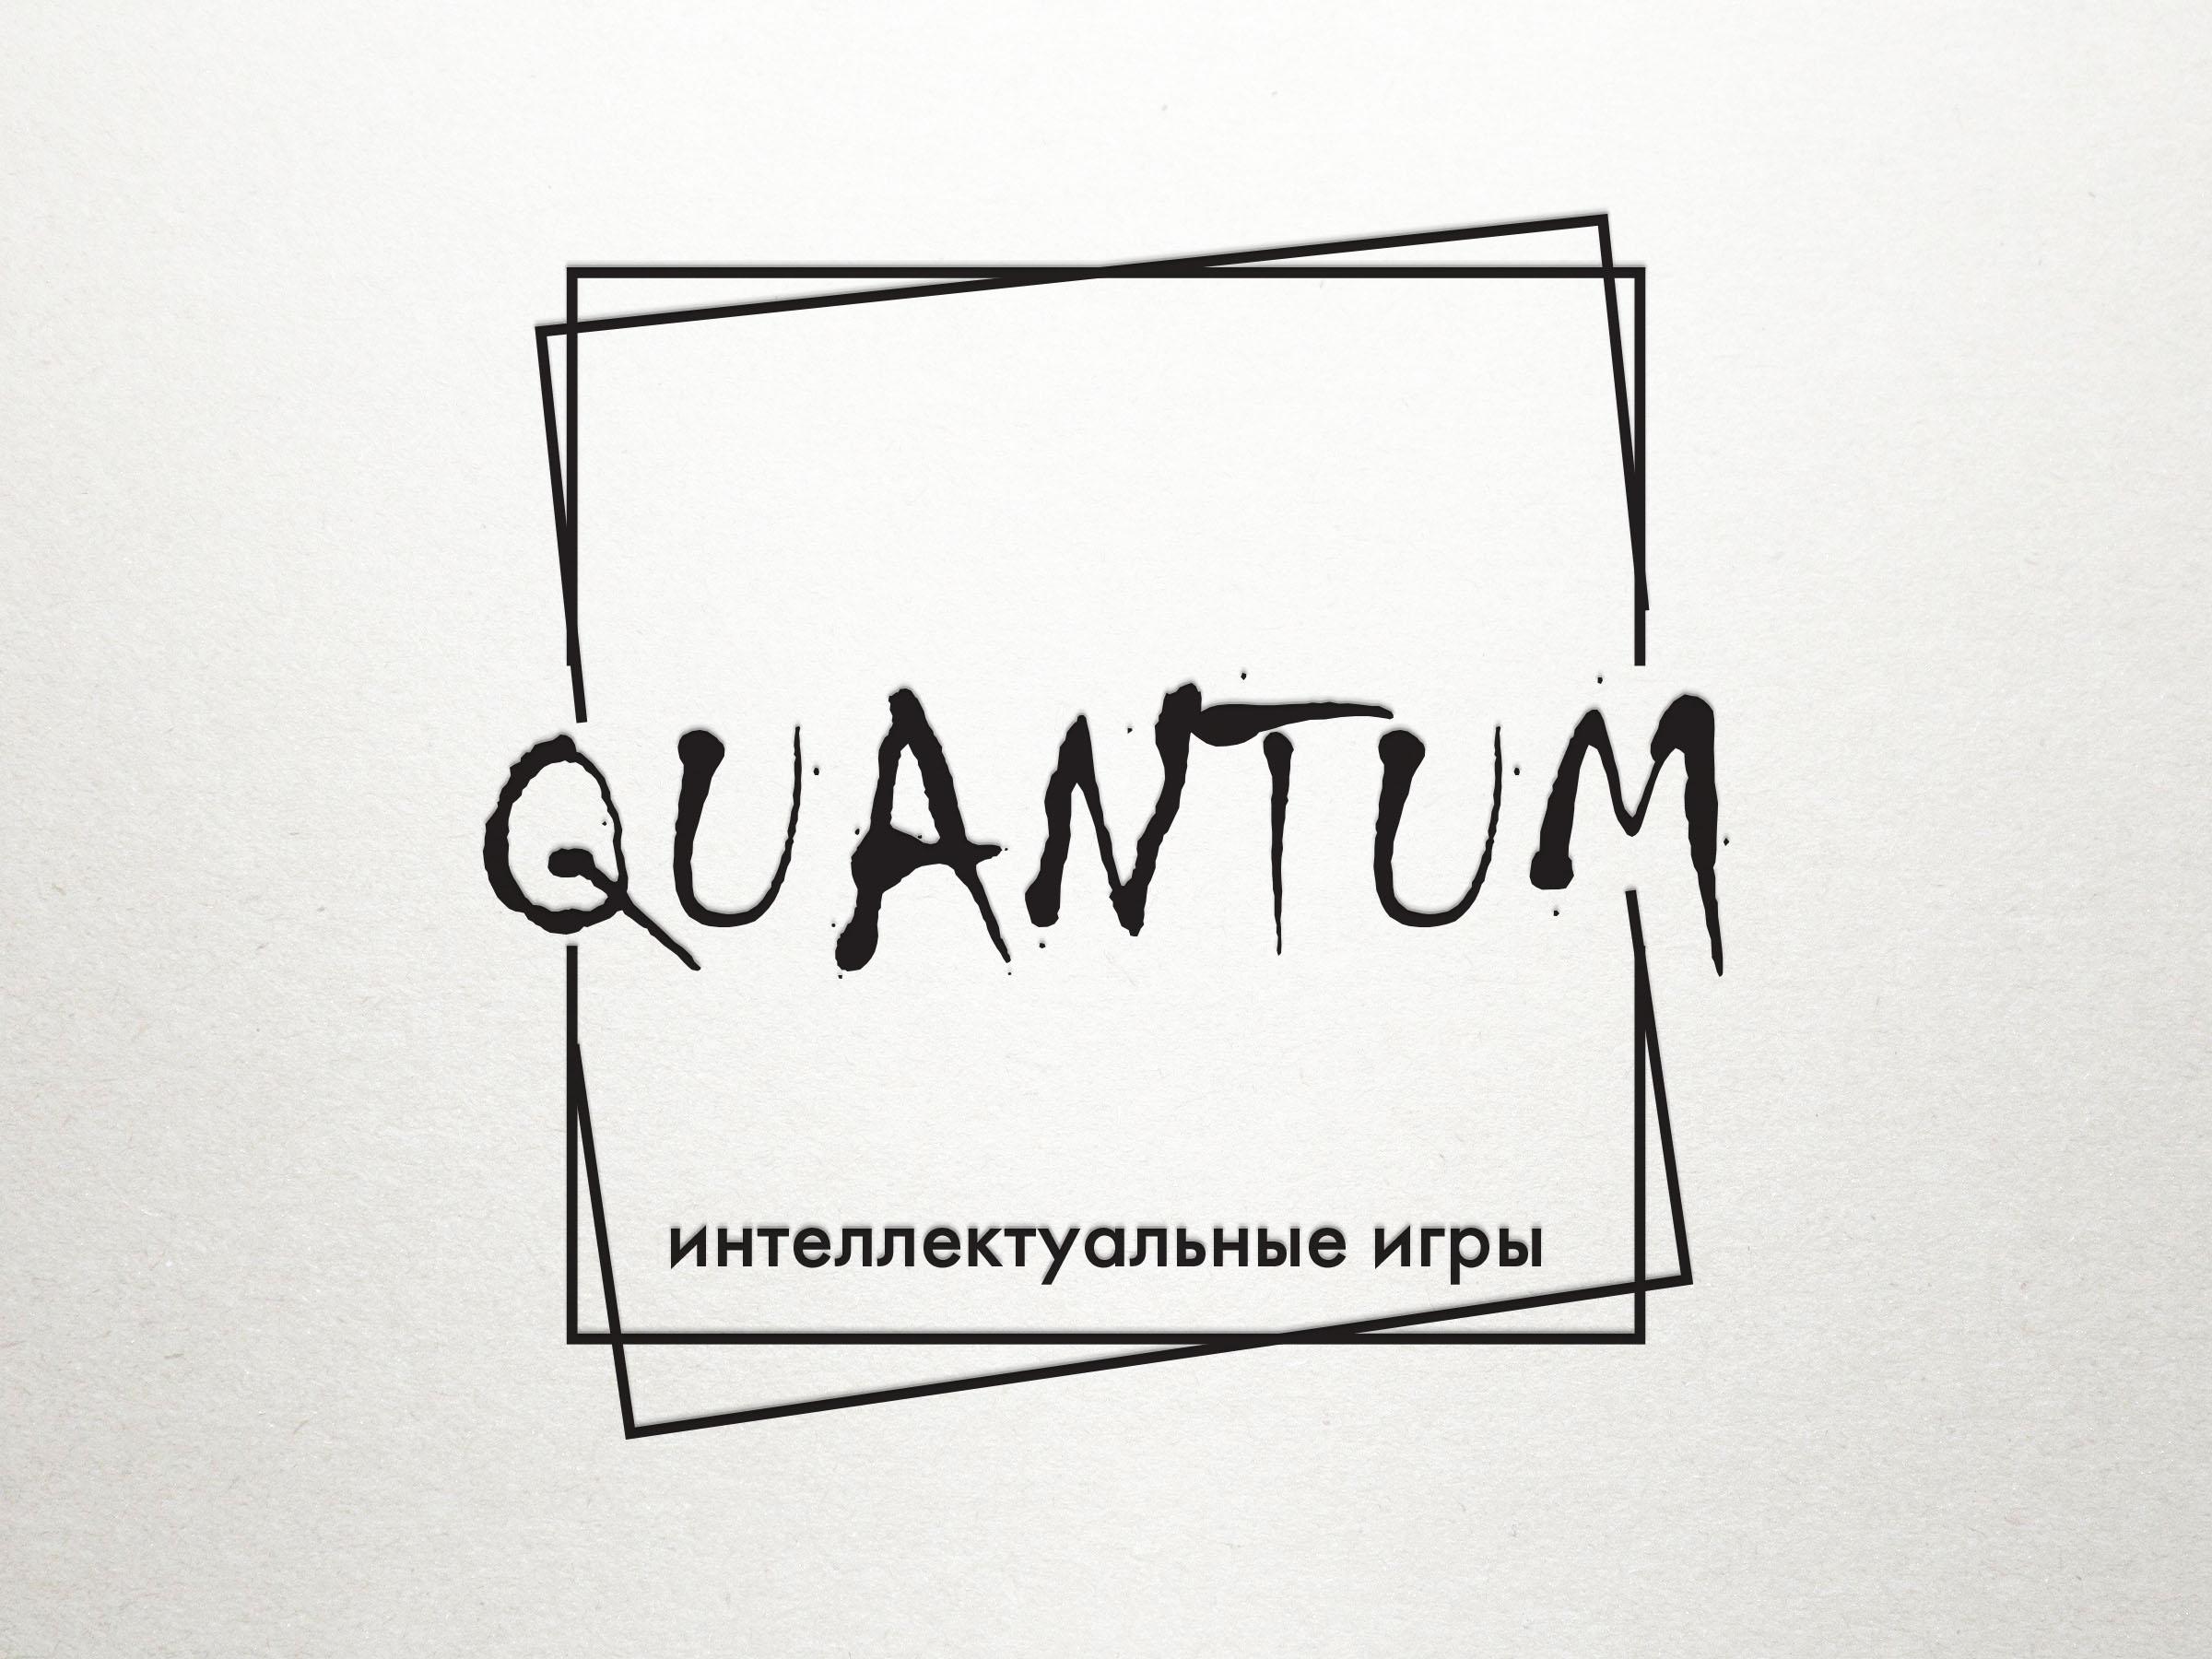 Редизайн логотипа бренда интеллектуальной игры фото f_5235bc498d74426d.jpg